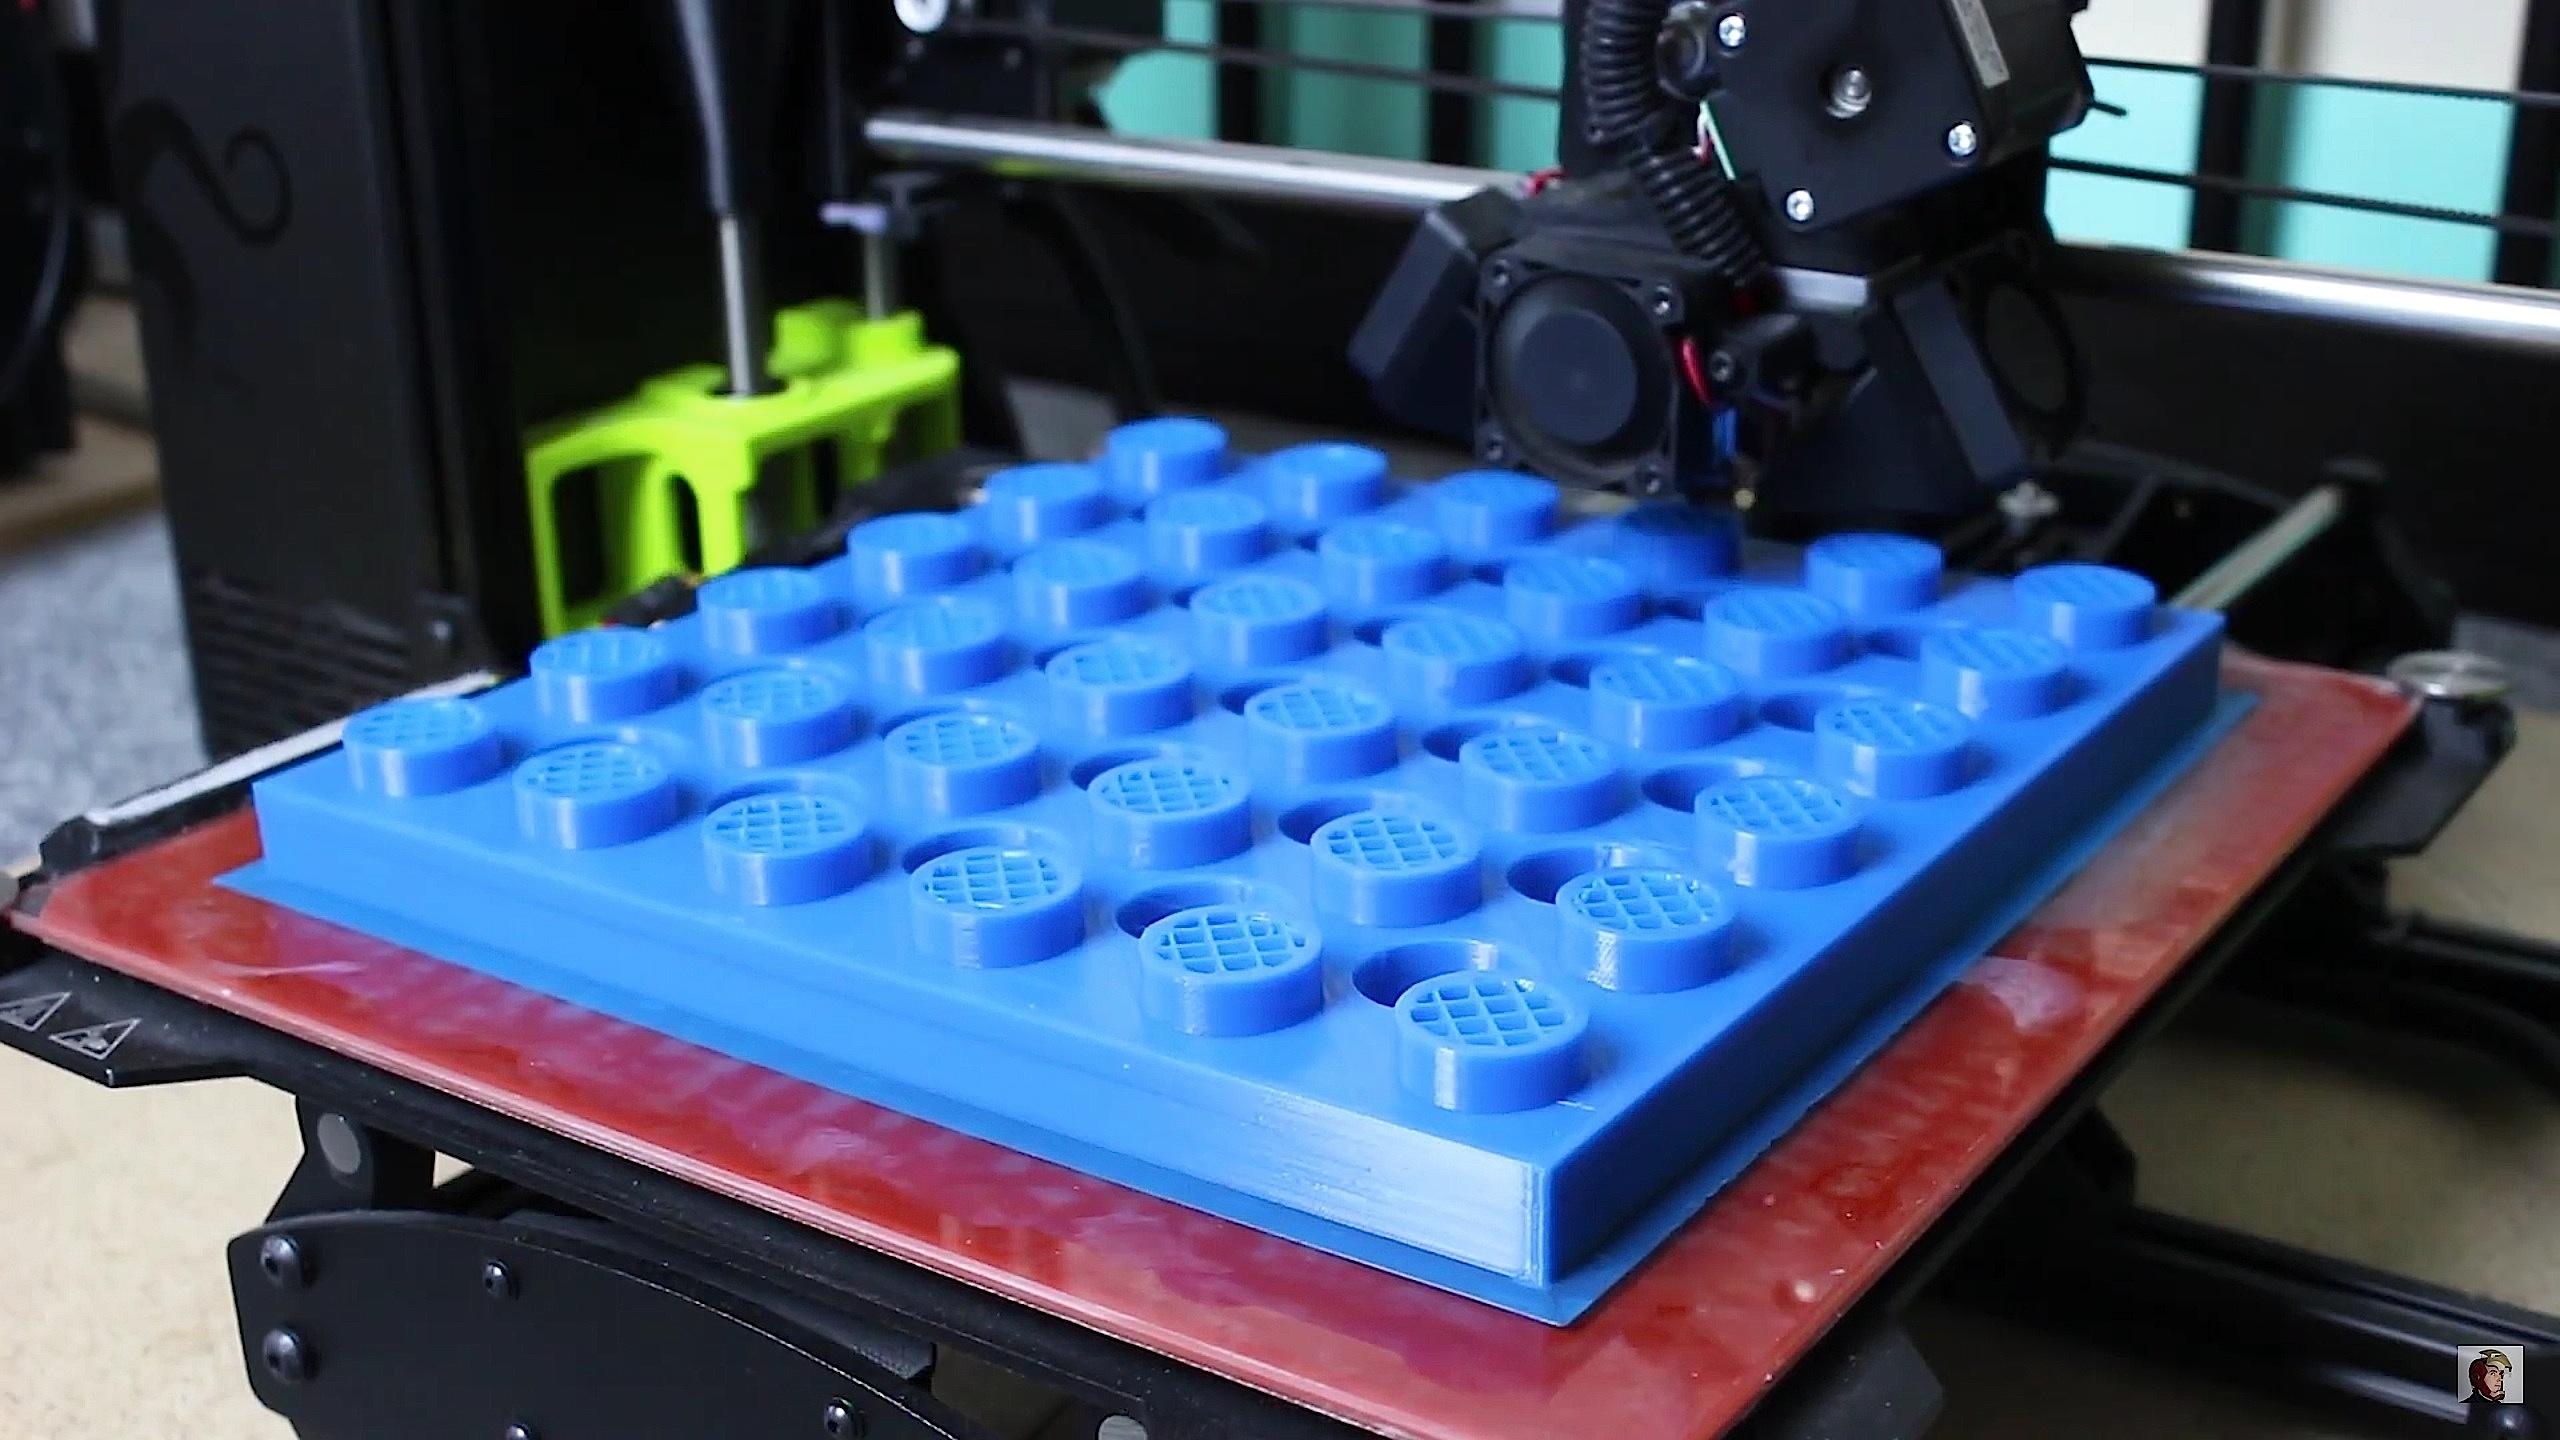 Herstellung einer Legoplatte mit einem 3D-Drucker.